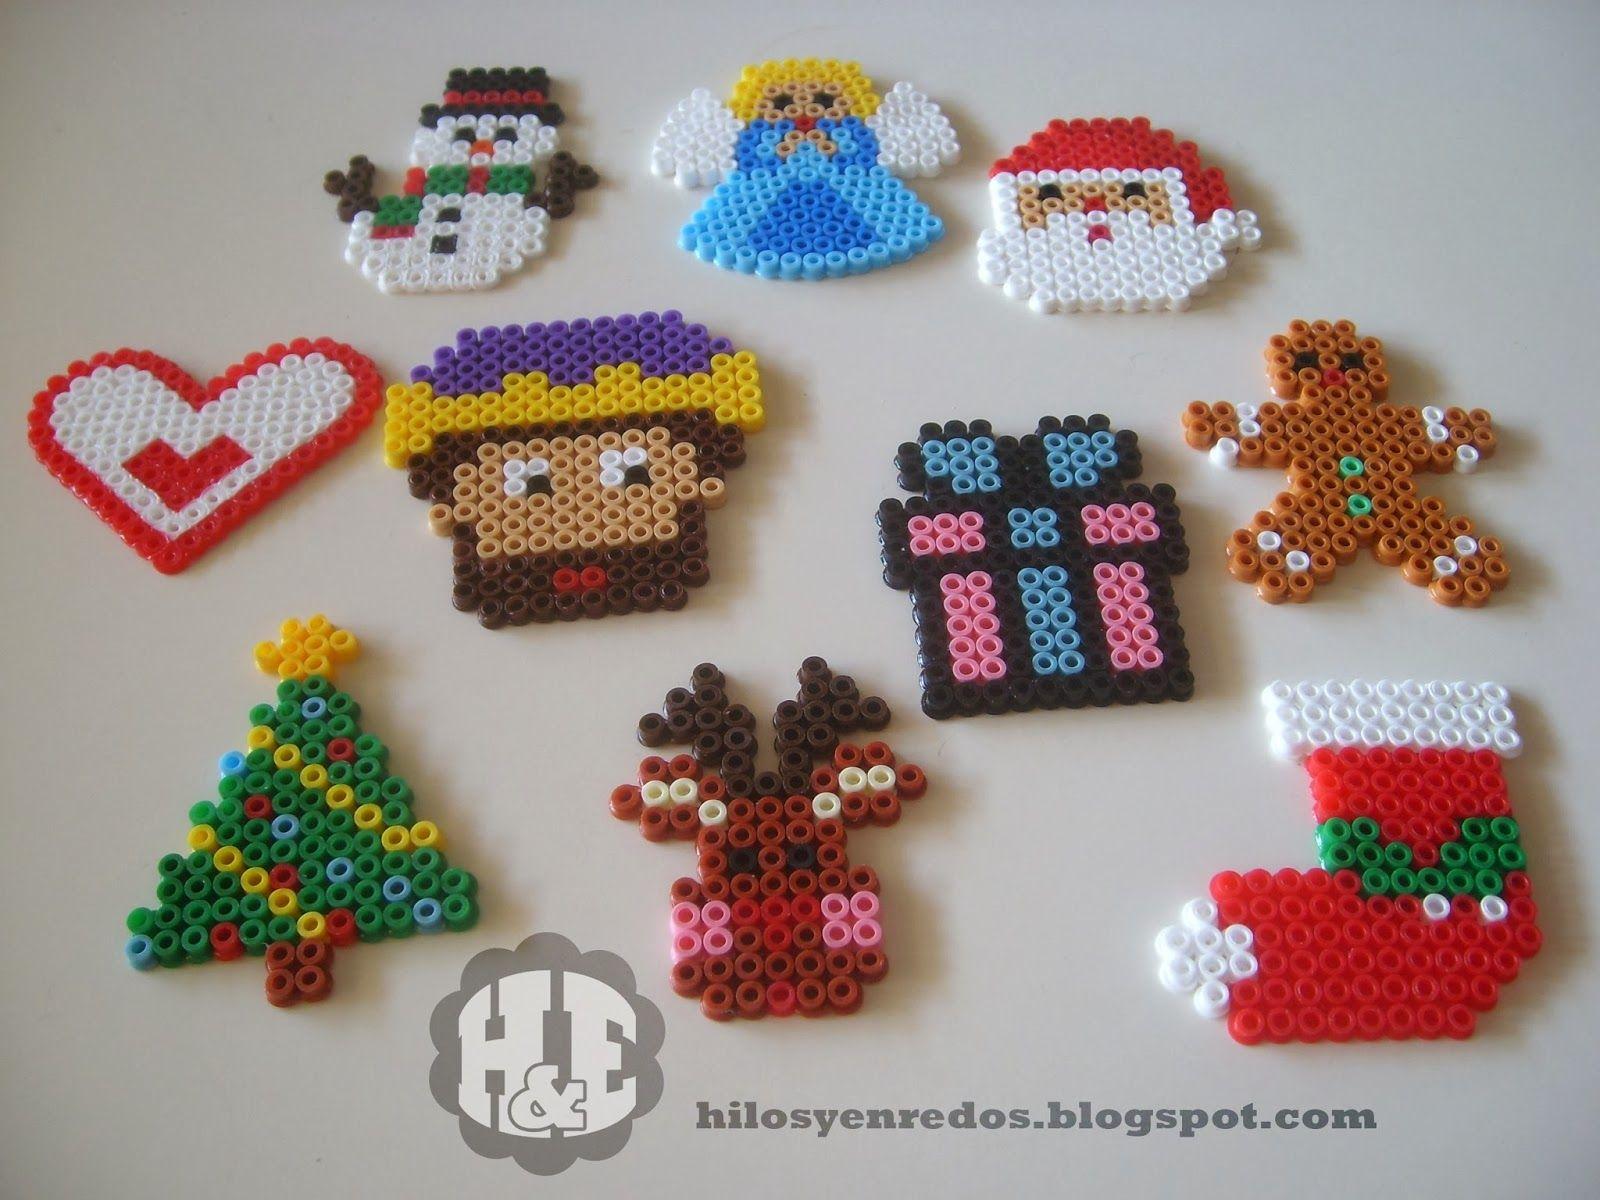 #AB2024 Hilos Y Enredos: Pack De Adornos Navideños Con Hama Beads  5547 Decorations Noel Hama 1600x1200 px @ aertt.com